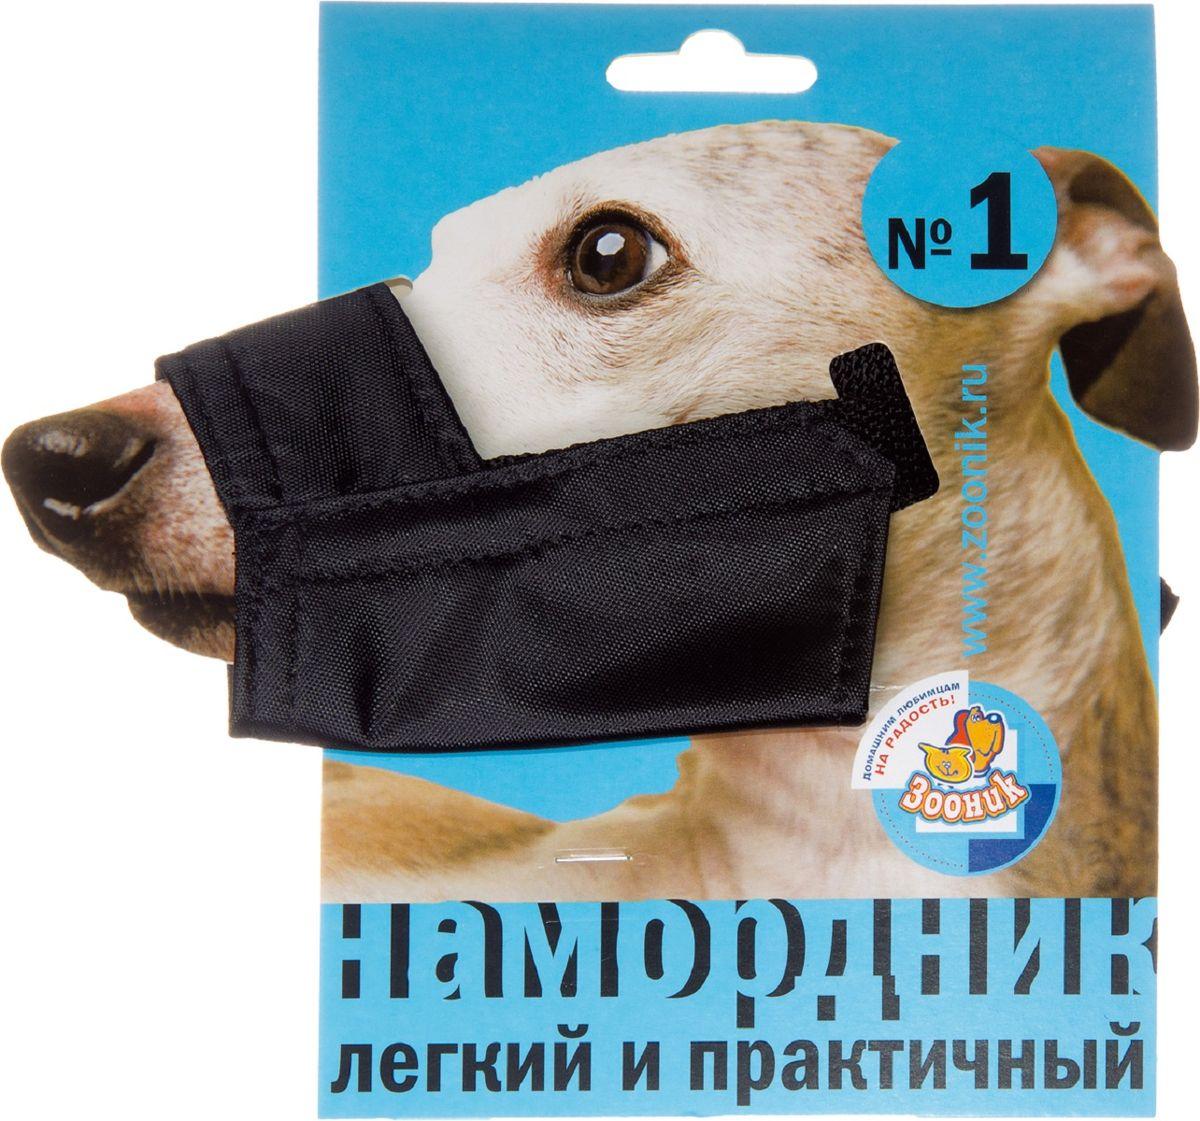 Намордник Зооник, обхват морды 17 см. Размер 112210-1Нейлоновый намордник Зооник практичен и прост в эксплуатации. Он эффективно препятствует кусанию, жеванию и лаю. Собаке трудно его снять. Определение нужного размера: 1. Используйте сантиметровую ленту, чтобы измерить обхват морды собаки. 2. Подложите под сантиметровую ленту указательный палец, чтобы учесть припуск на свободу. Намордник должен свободно прилегать к носу. 3. Сравните полученный размер с размером указанным на упаковке. Предназначен для следующих пород собак: уиппет, грейхаунд. Обхват морды 17 см.